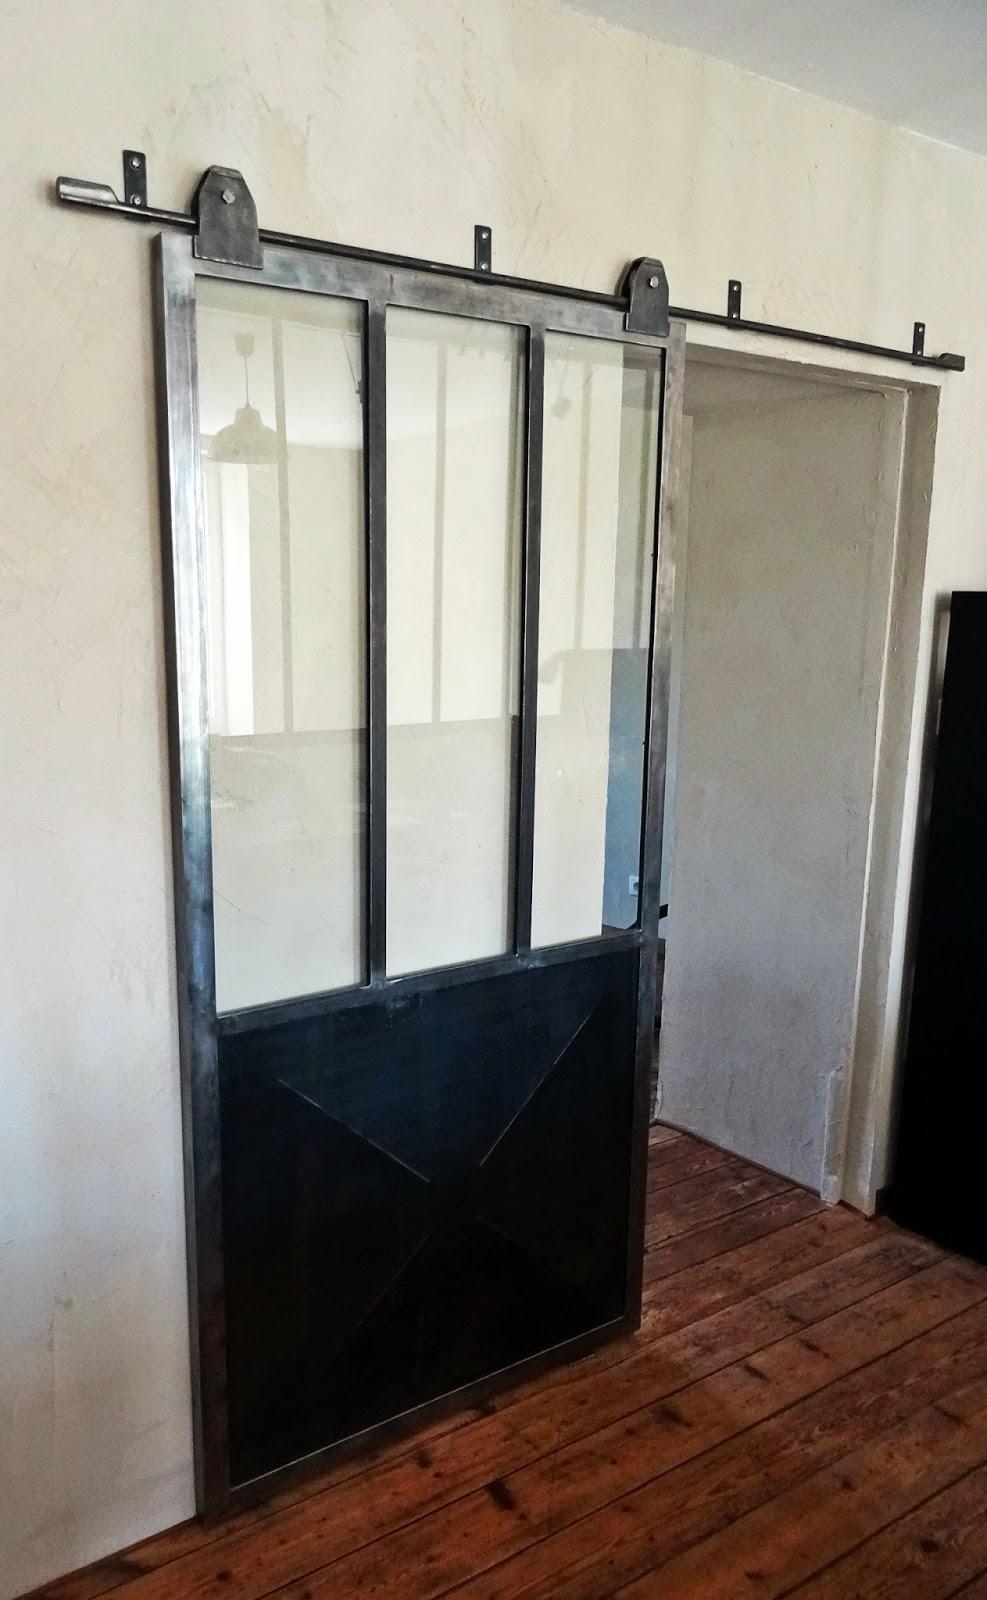 verriere atelier lapeyre verriere interieure fait deco dans cuisine poitiers monde stupefiant. Black Bedroom Furniture Sets. Home Design Ideas